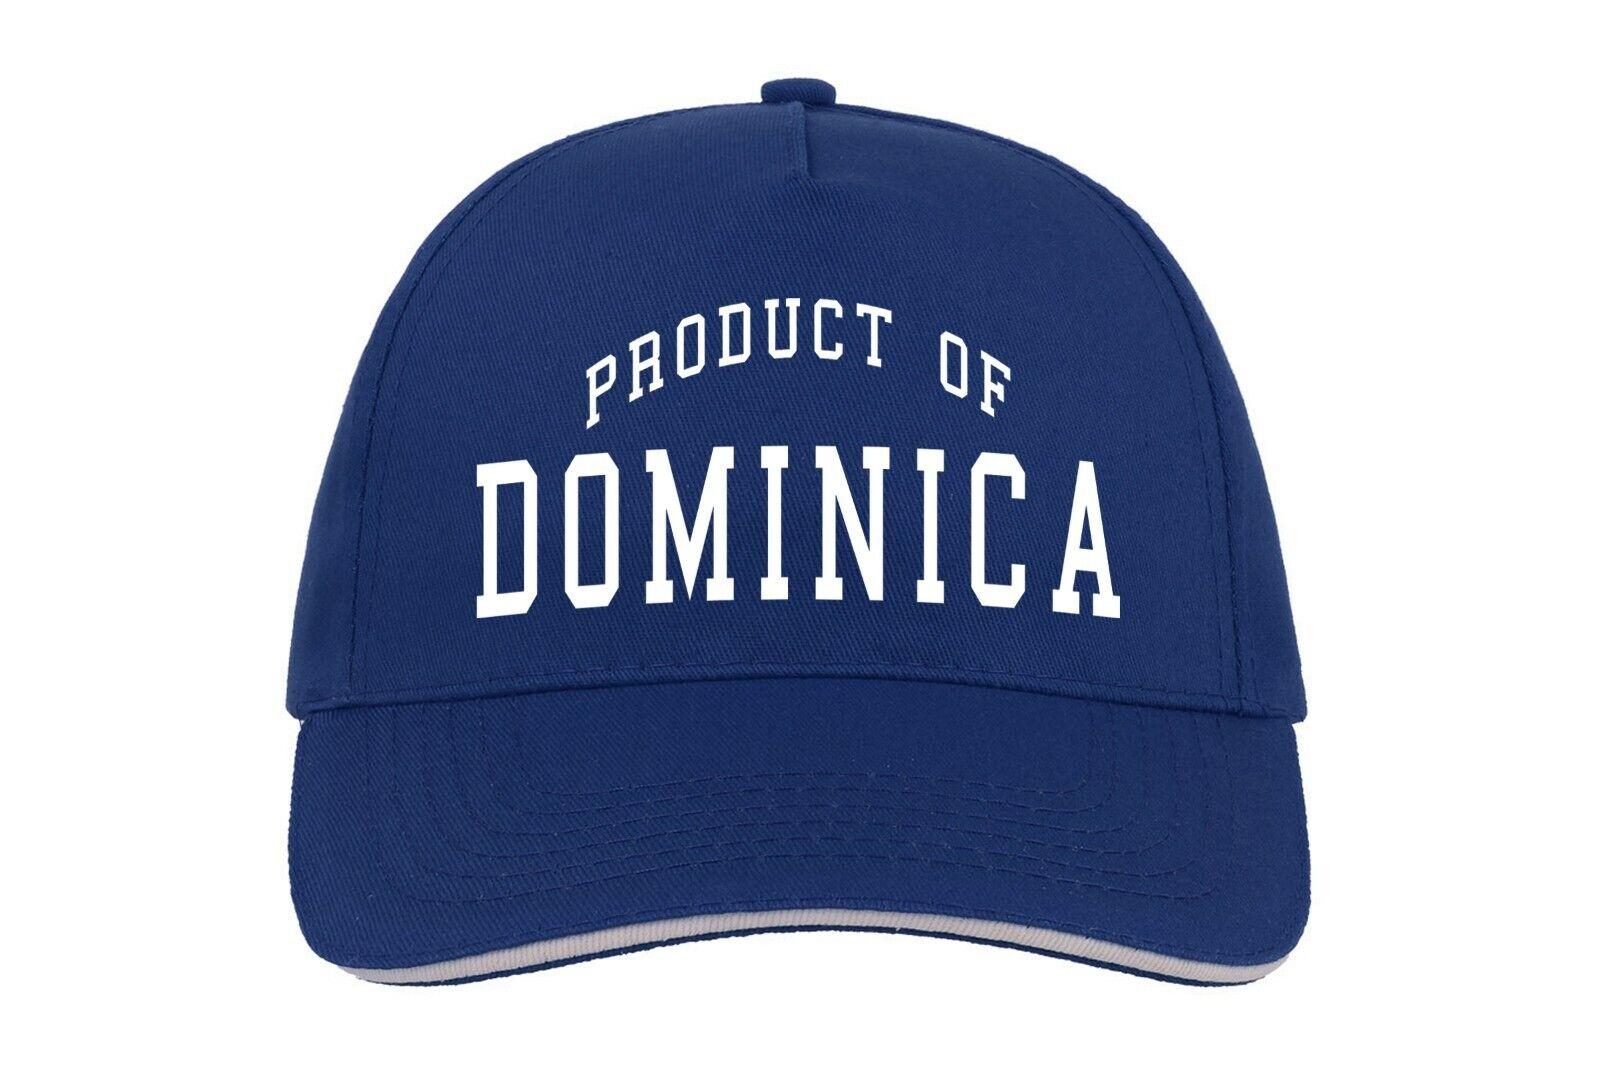 Dominica Produkt Von Baseballmütze Cap Maßgefertigt Geburtstagsgeschenk Country